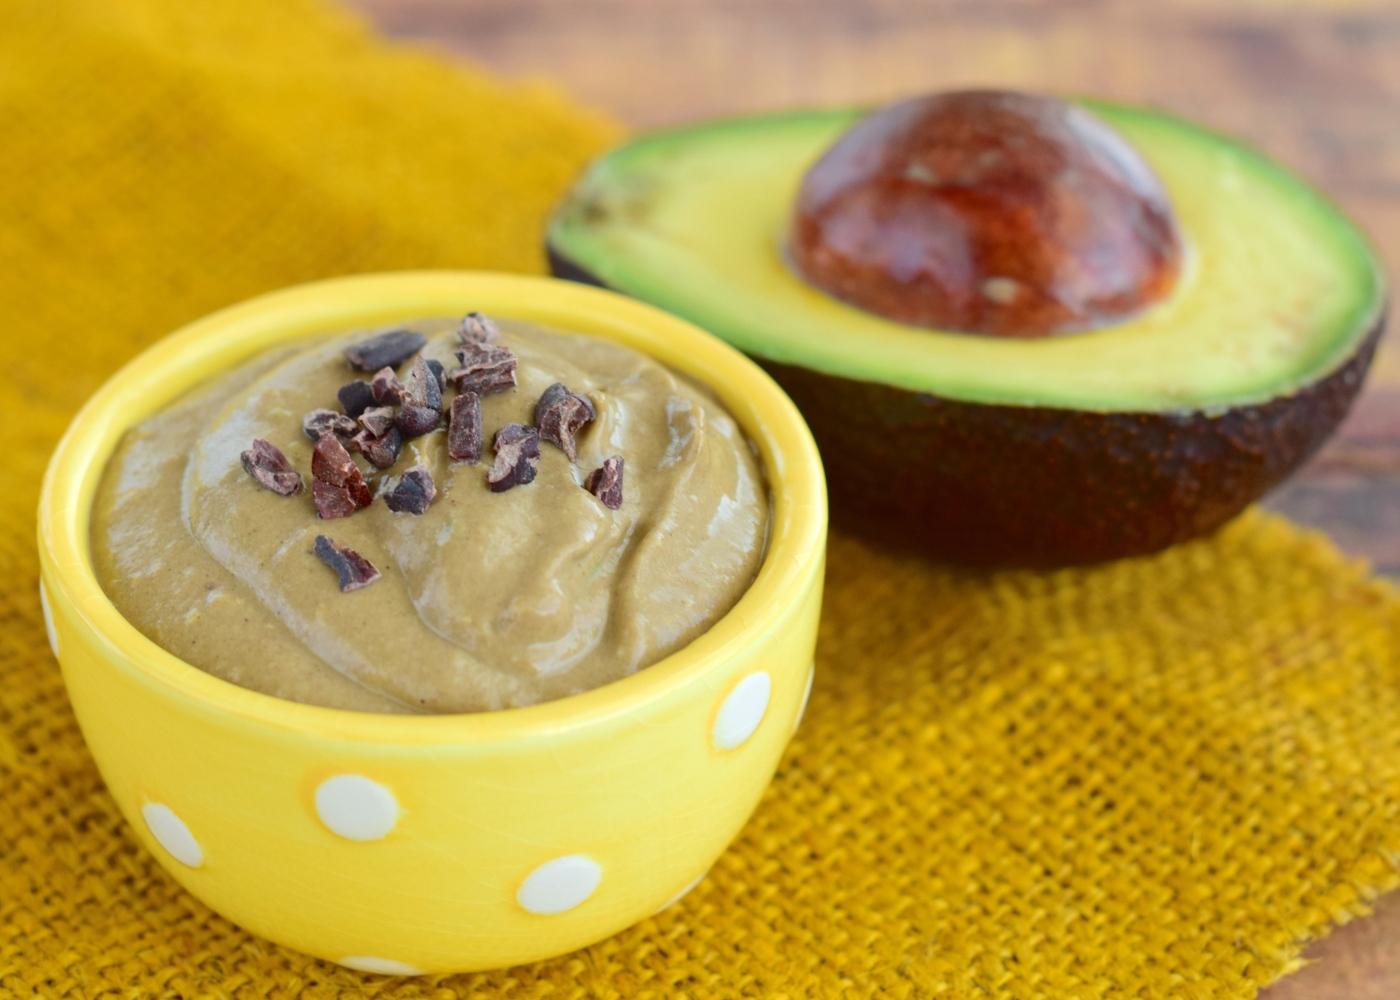 Receitas saudáveis com fruta: mousse de abacate e manga